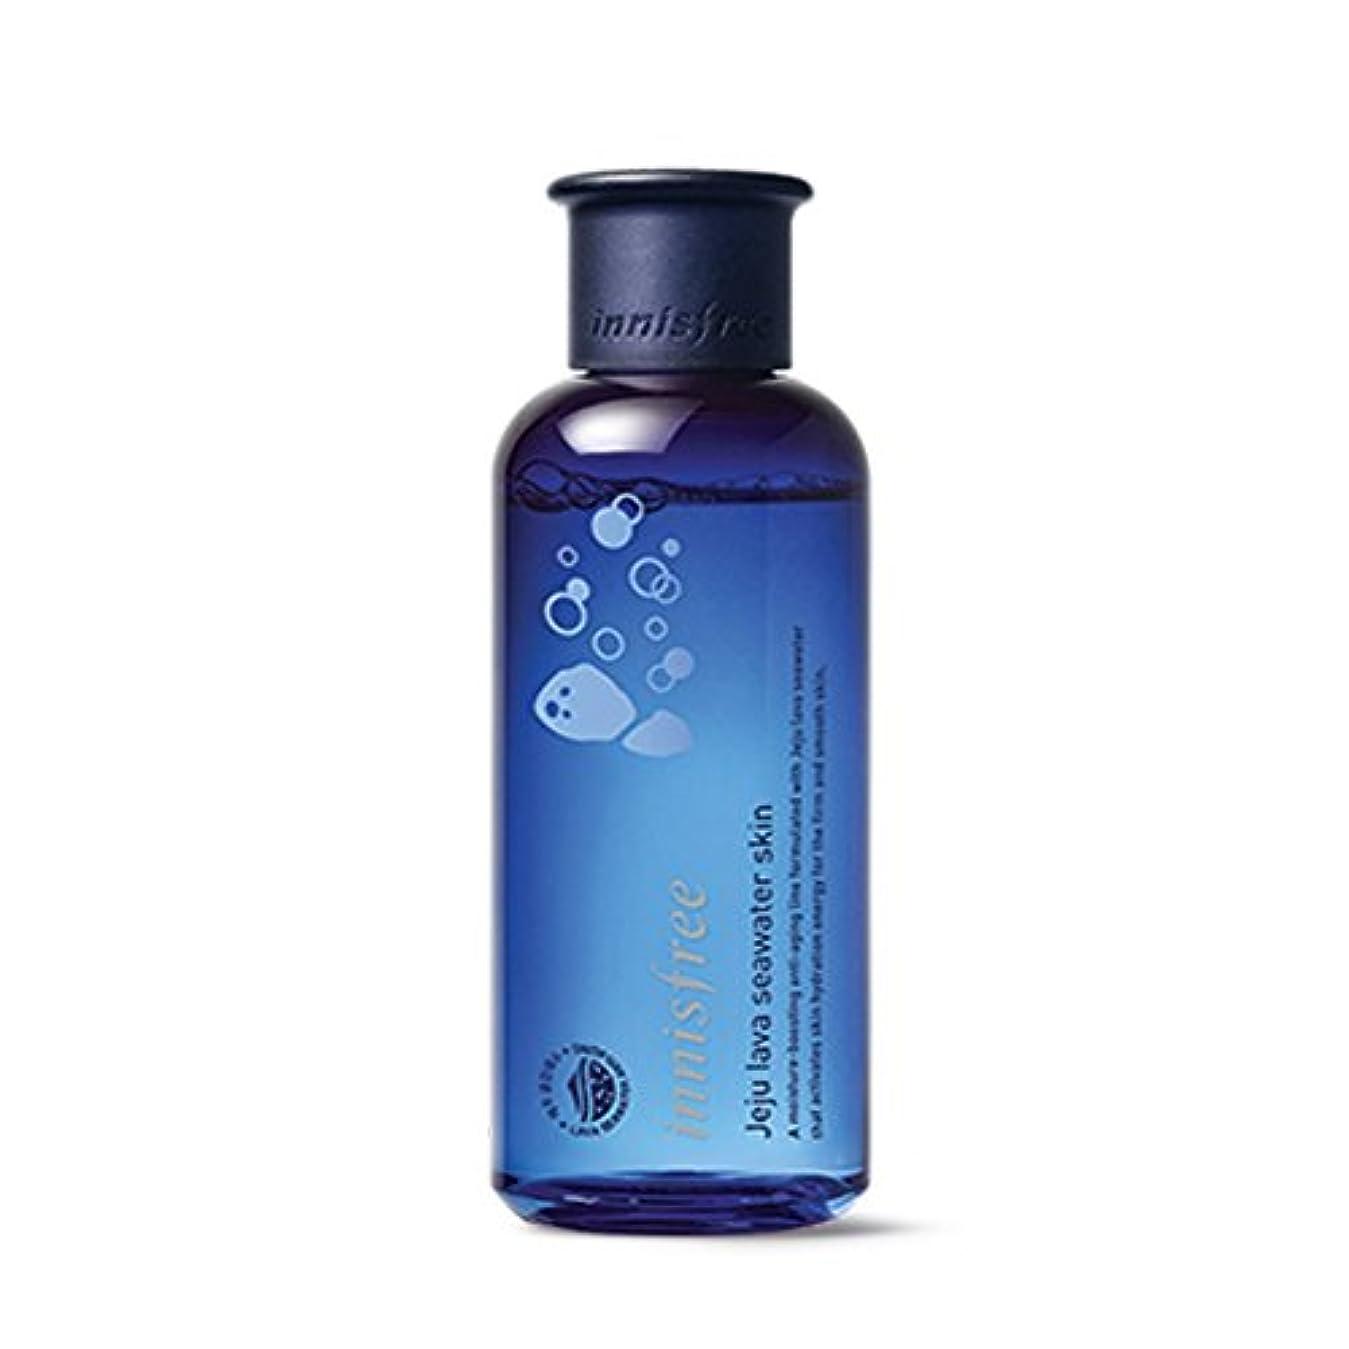 理容師サスペンド差イニスフリージェジュラブシーウォータースキン(トナー)200ml Innisfree Jeju Lava Seawater Skin(Toner) 200ml [外直送品][並行輸入品]